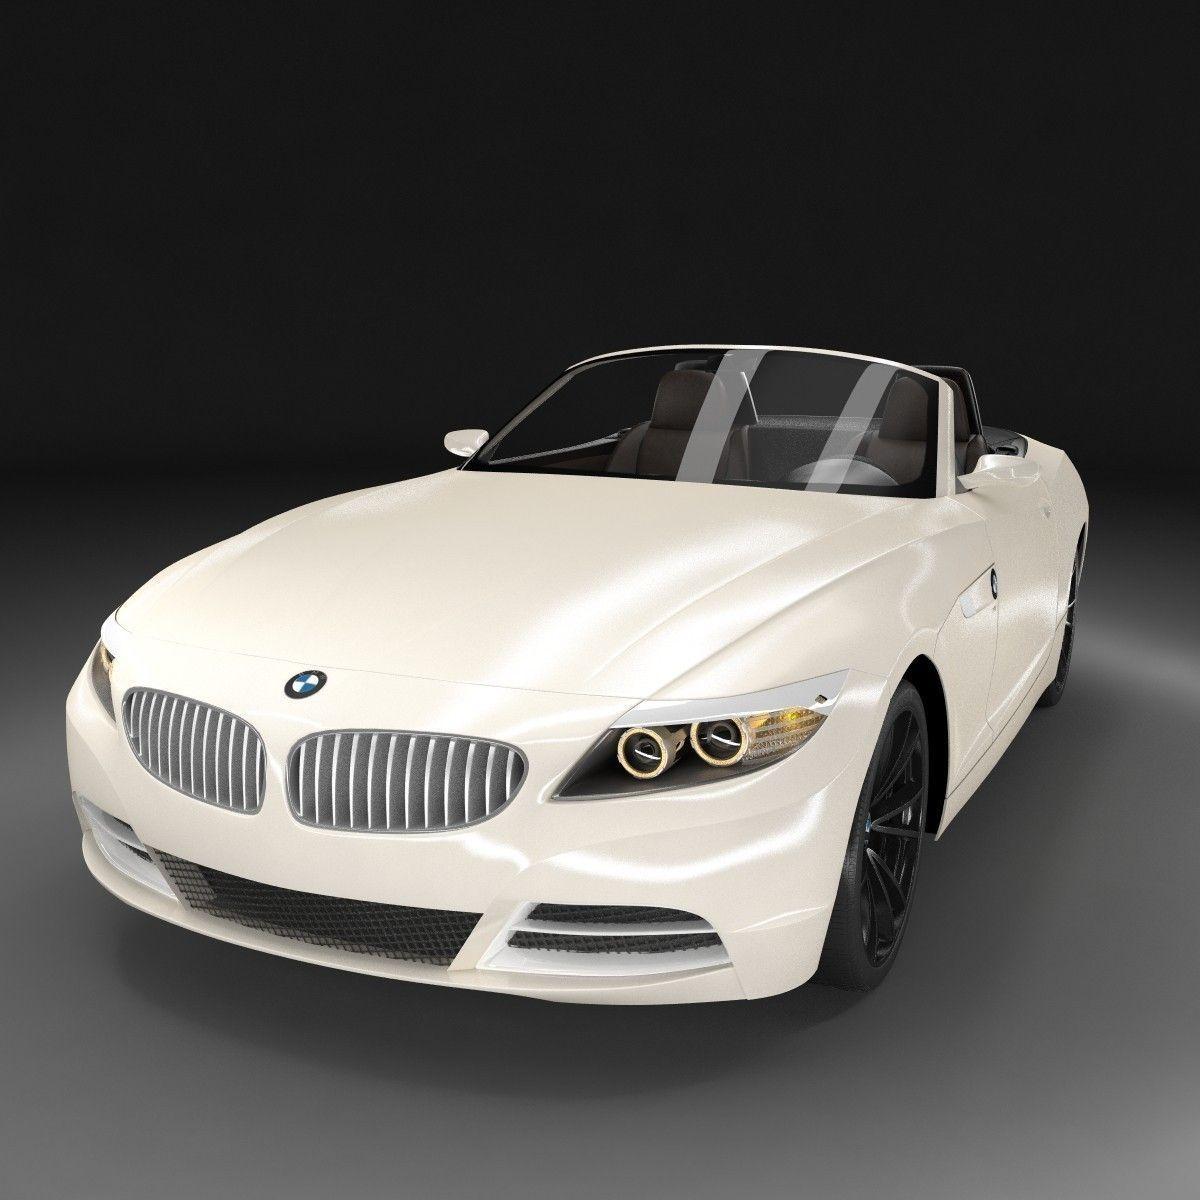 2013 Bmw Z4 Interior: BMW Z4 2009 3D Model .max .obj